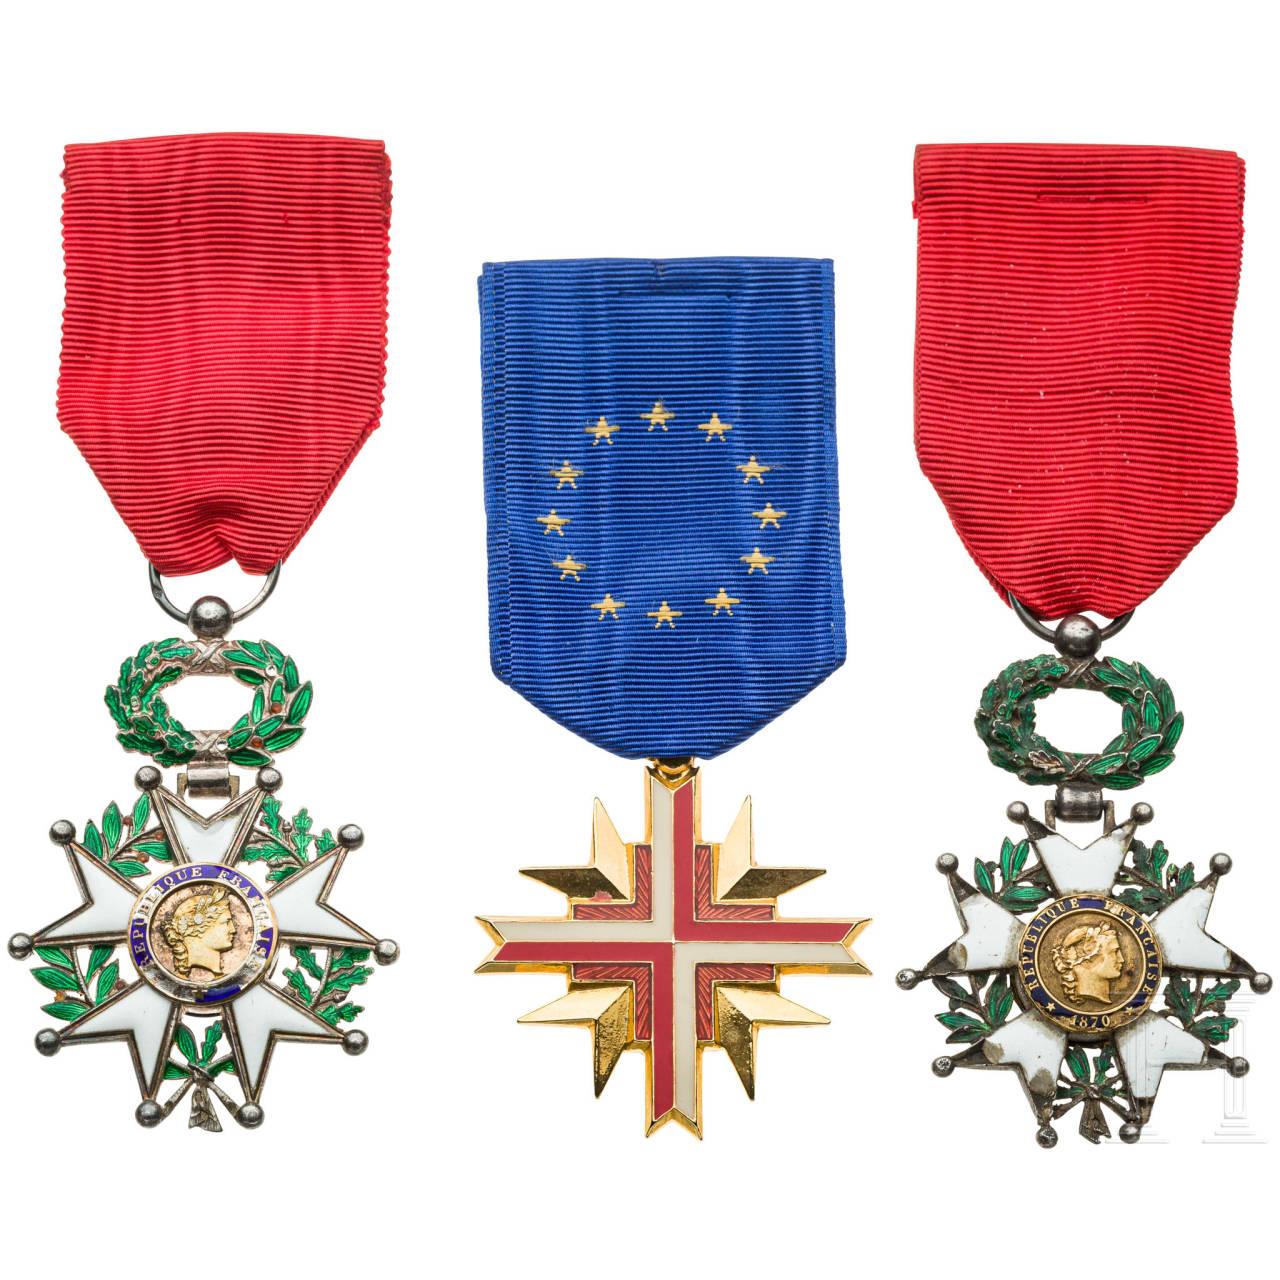 Three awards, France, 20th century